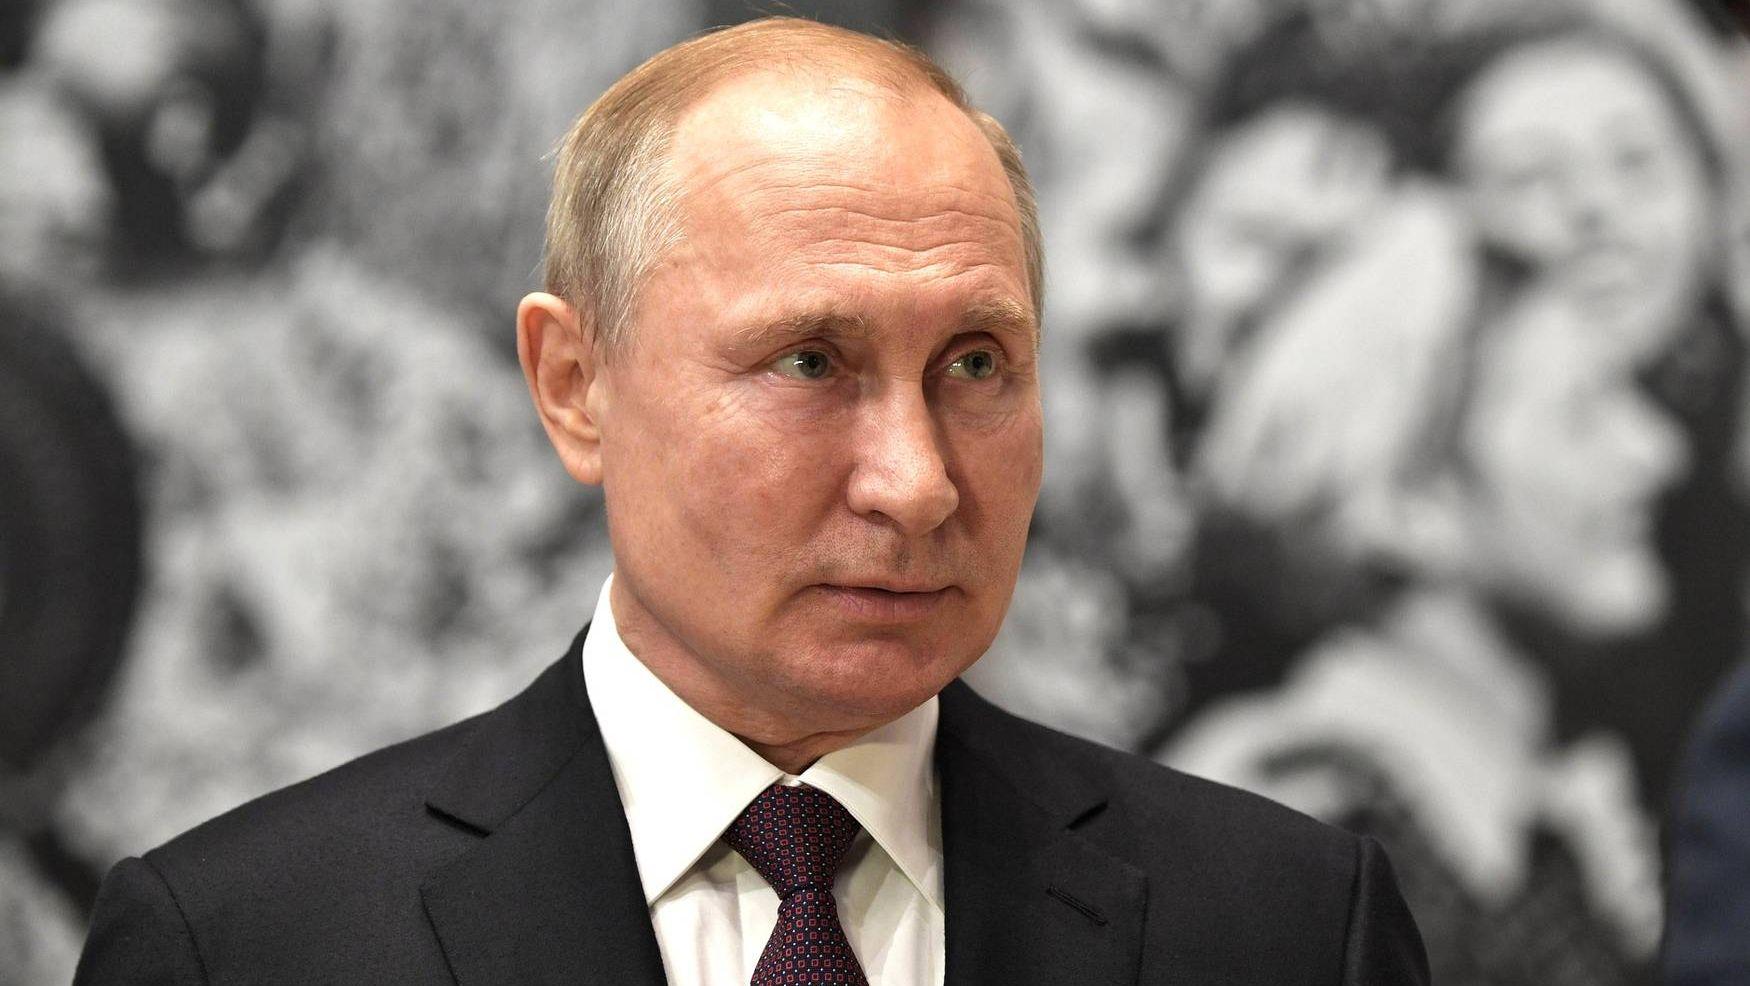 20191104_15-32-Путин проводит награждение в Кремле за вклад в народное единство